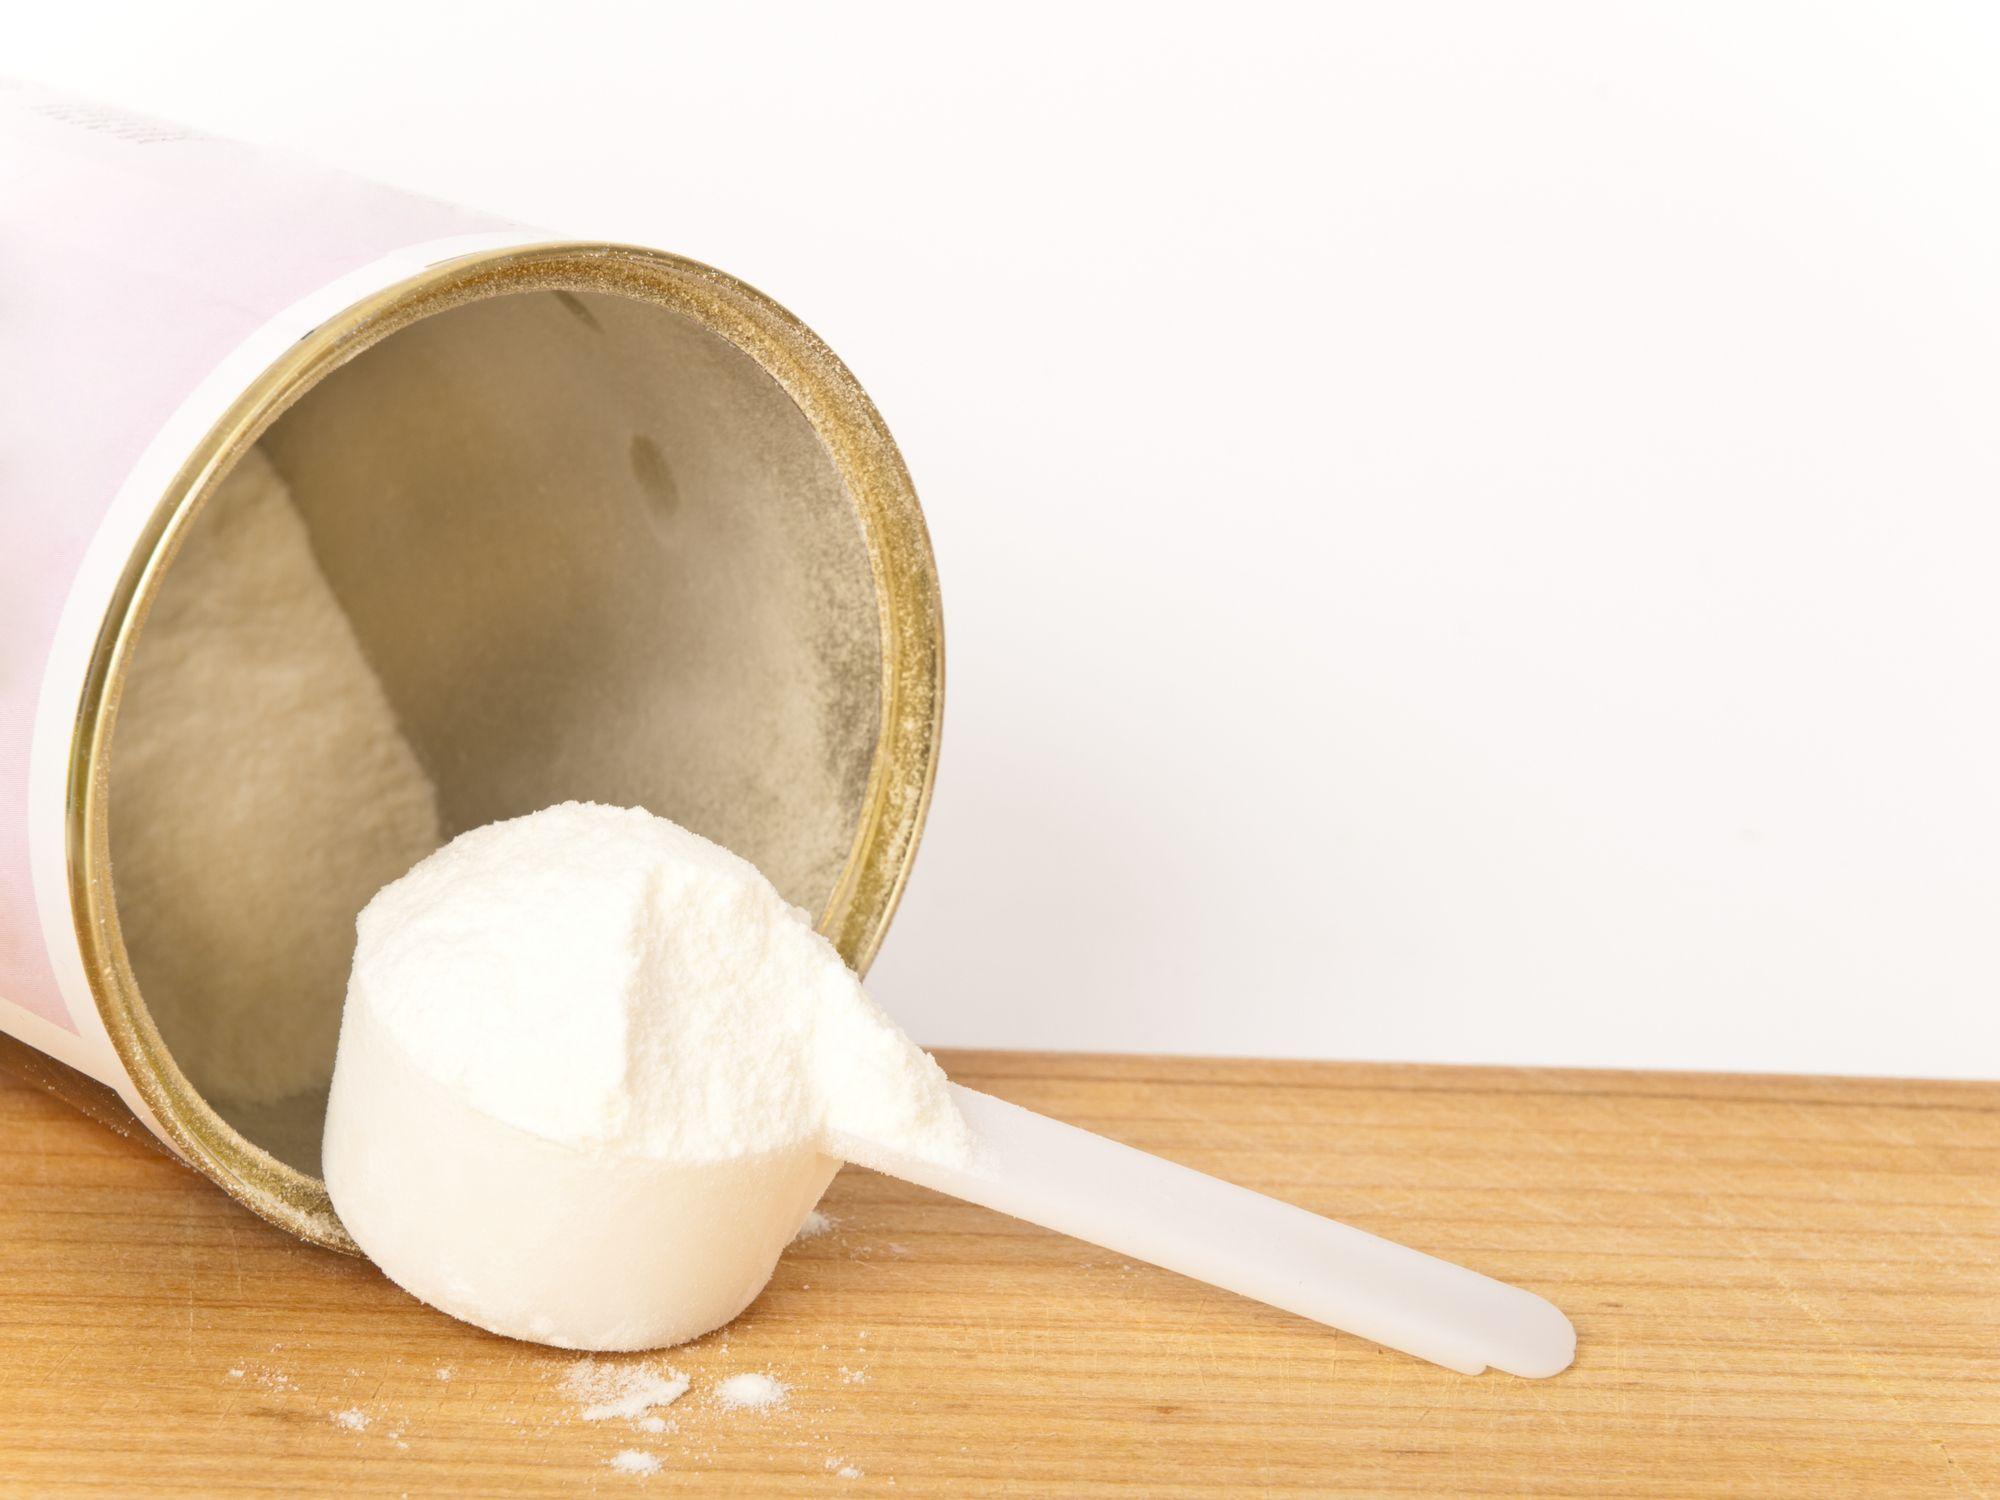 Three Main Benefits Of The Collagen Powder